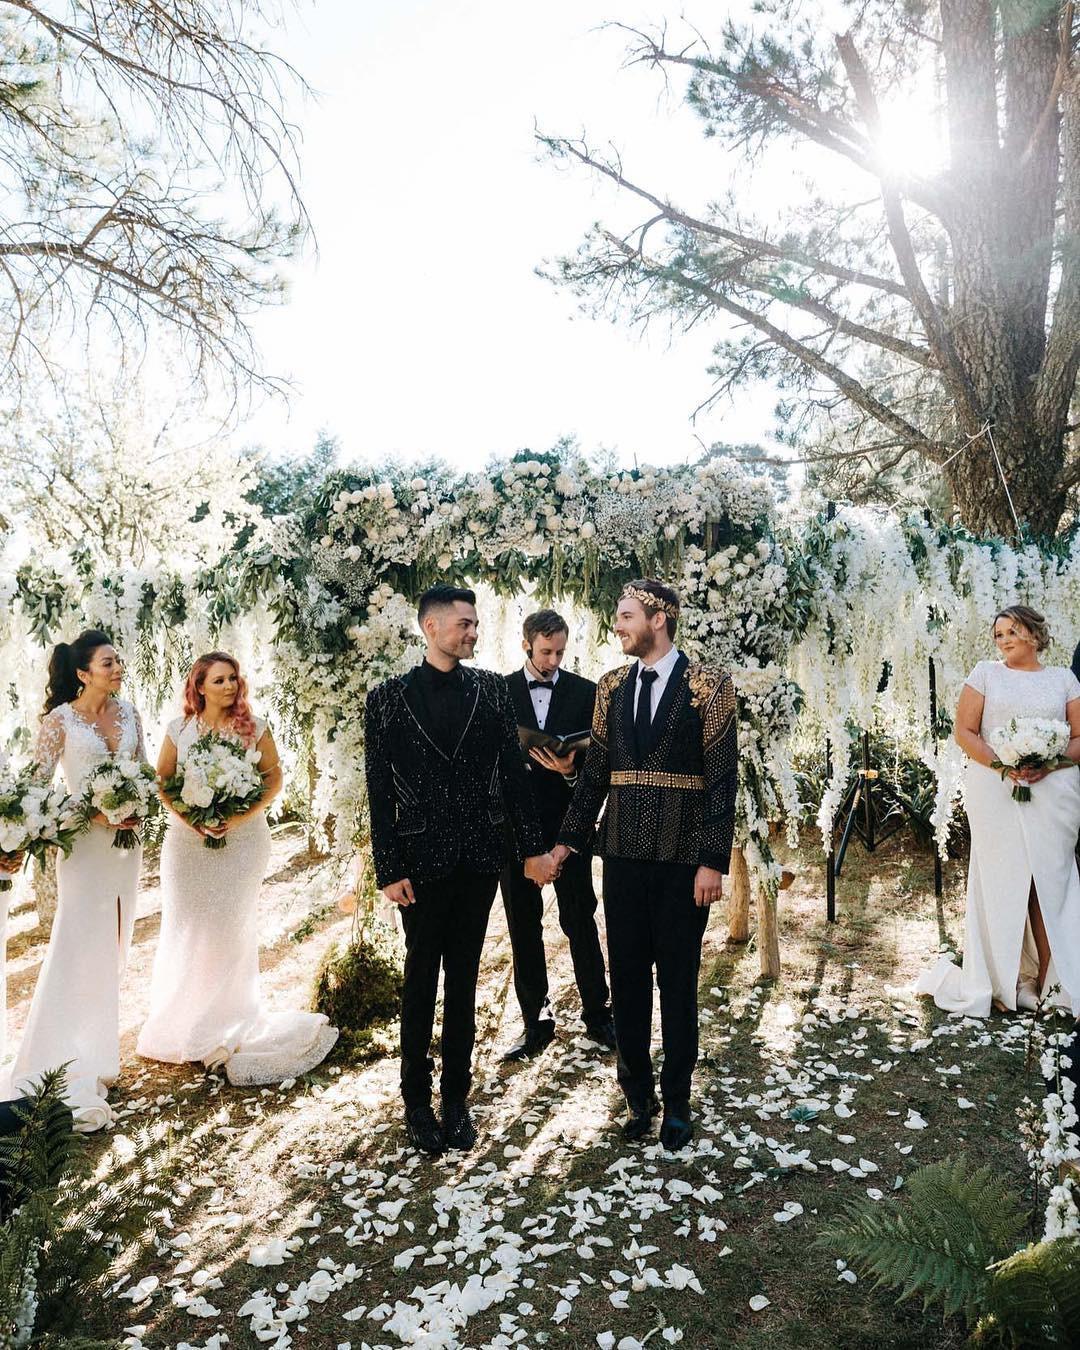 Đám cưới xa hoa của cặp đồng tính giữa núi rừng khiến nhiều người phát hờn - Ảnh 3.